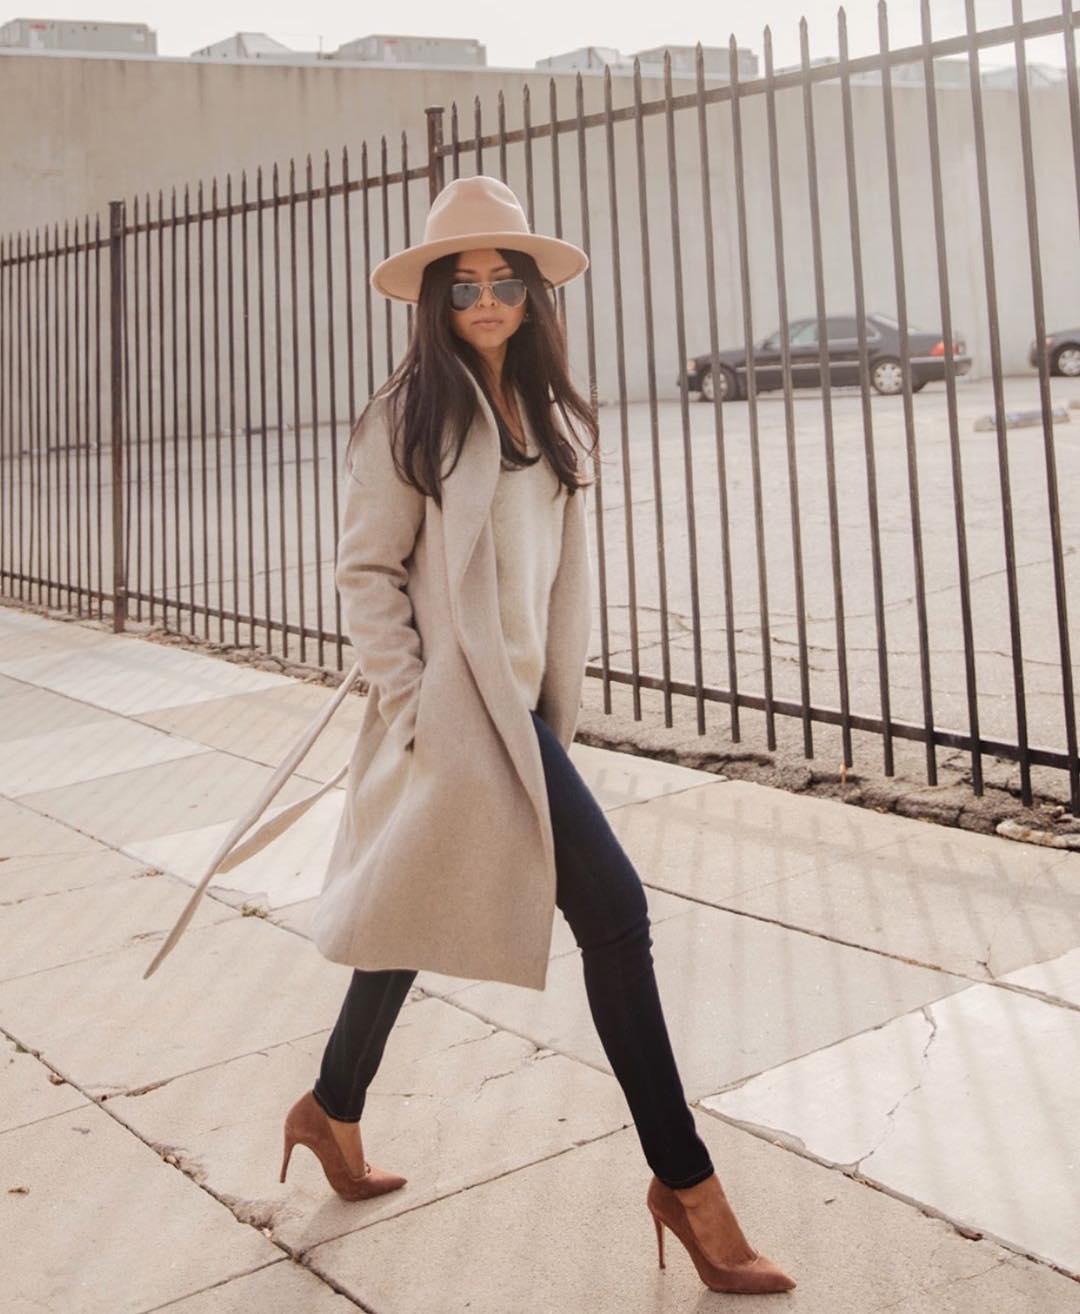 Итальянский стиль для женщин 2019: 11 элегантных образов на все случаи